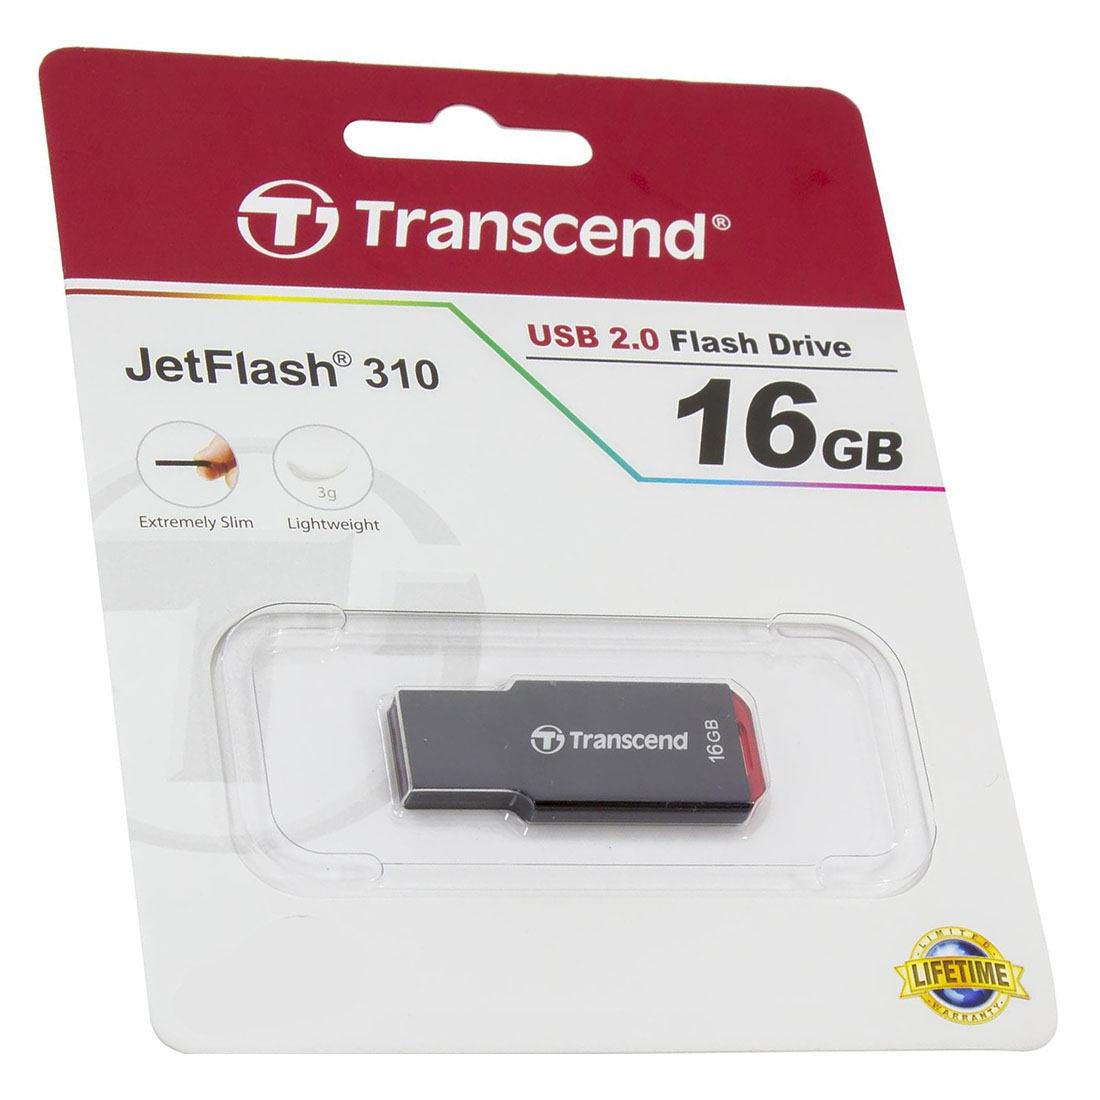 transcend_jetflash_310_package